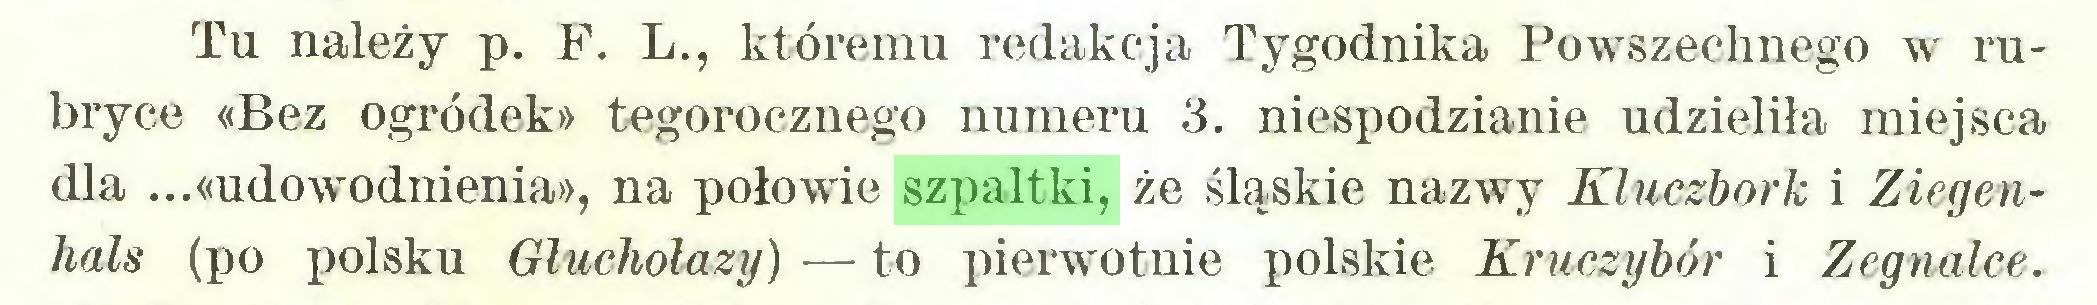 (...) Tu należy p. F. L., któremu redakcja Tygodnika Powszechnego w rubryce «Bez ogródek» tegorocznego numeru 3. niespodzianie udzieliła miejsca dla ...«udowodnienia», na połowie szpaltki, że śląskie nazwy Kluczbork i Ziegenhals (po polsku Głuchołazy) — to pierwotnie polskie Kruczybór i Zegnalce...